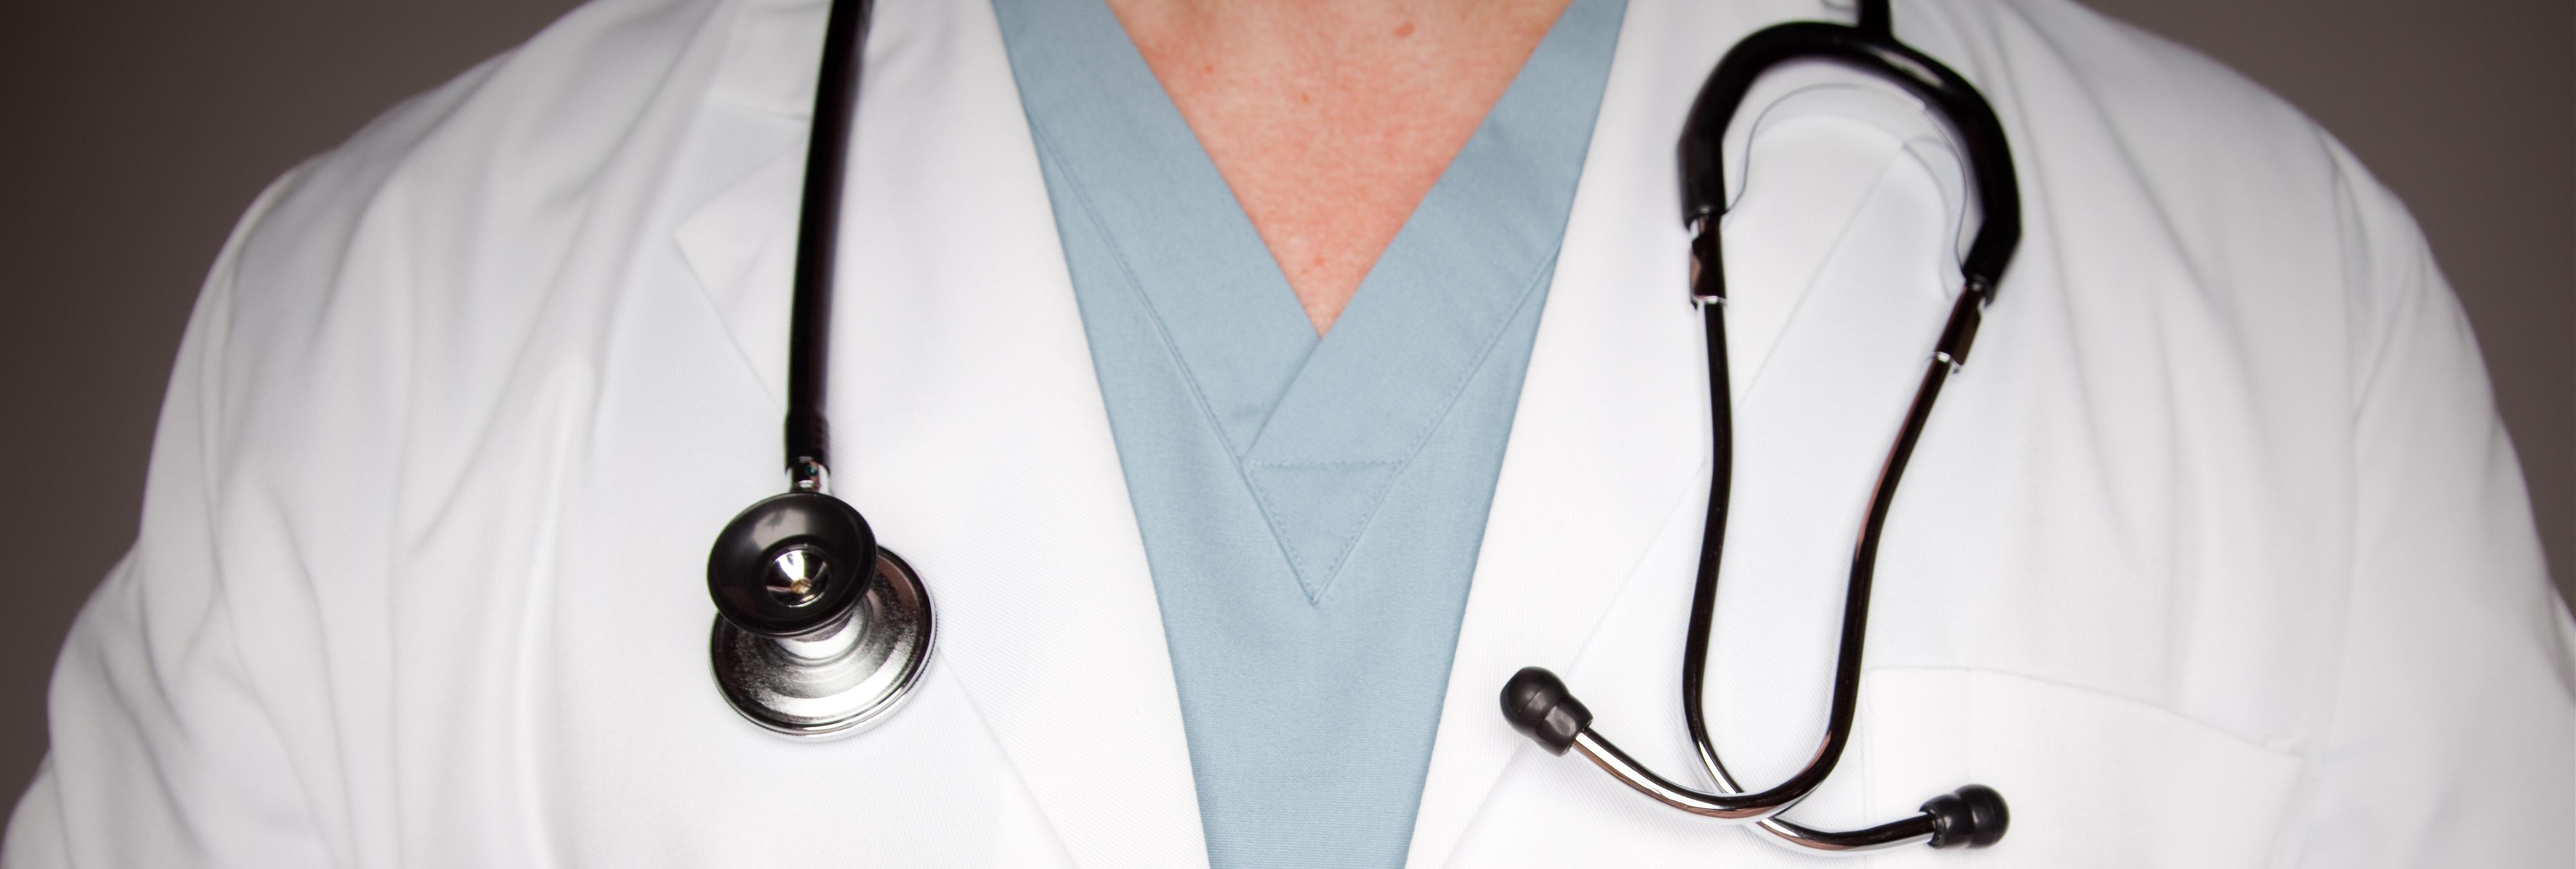 Suspenden de empleo y sueldo a un médico por masturbarse delante de una paciente